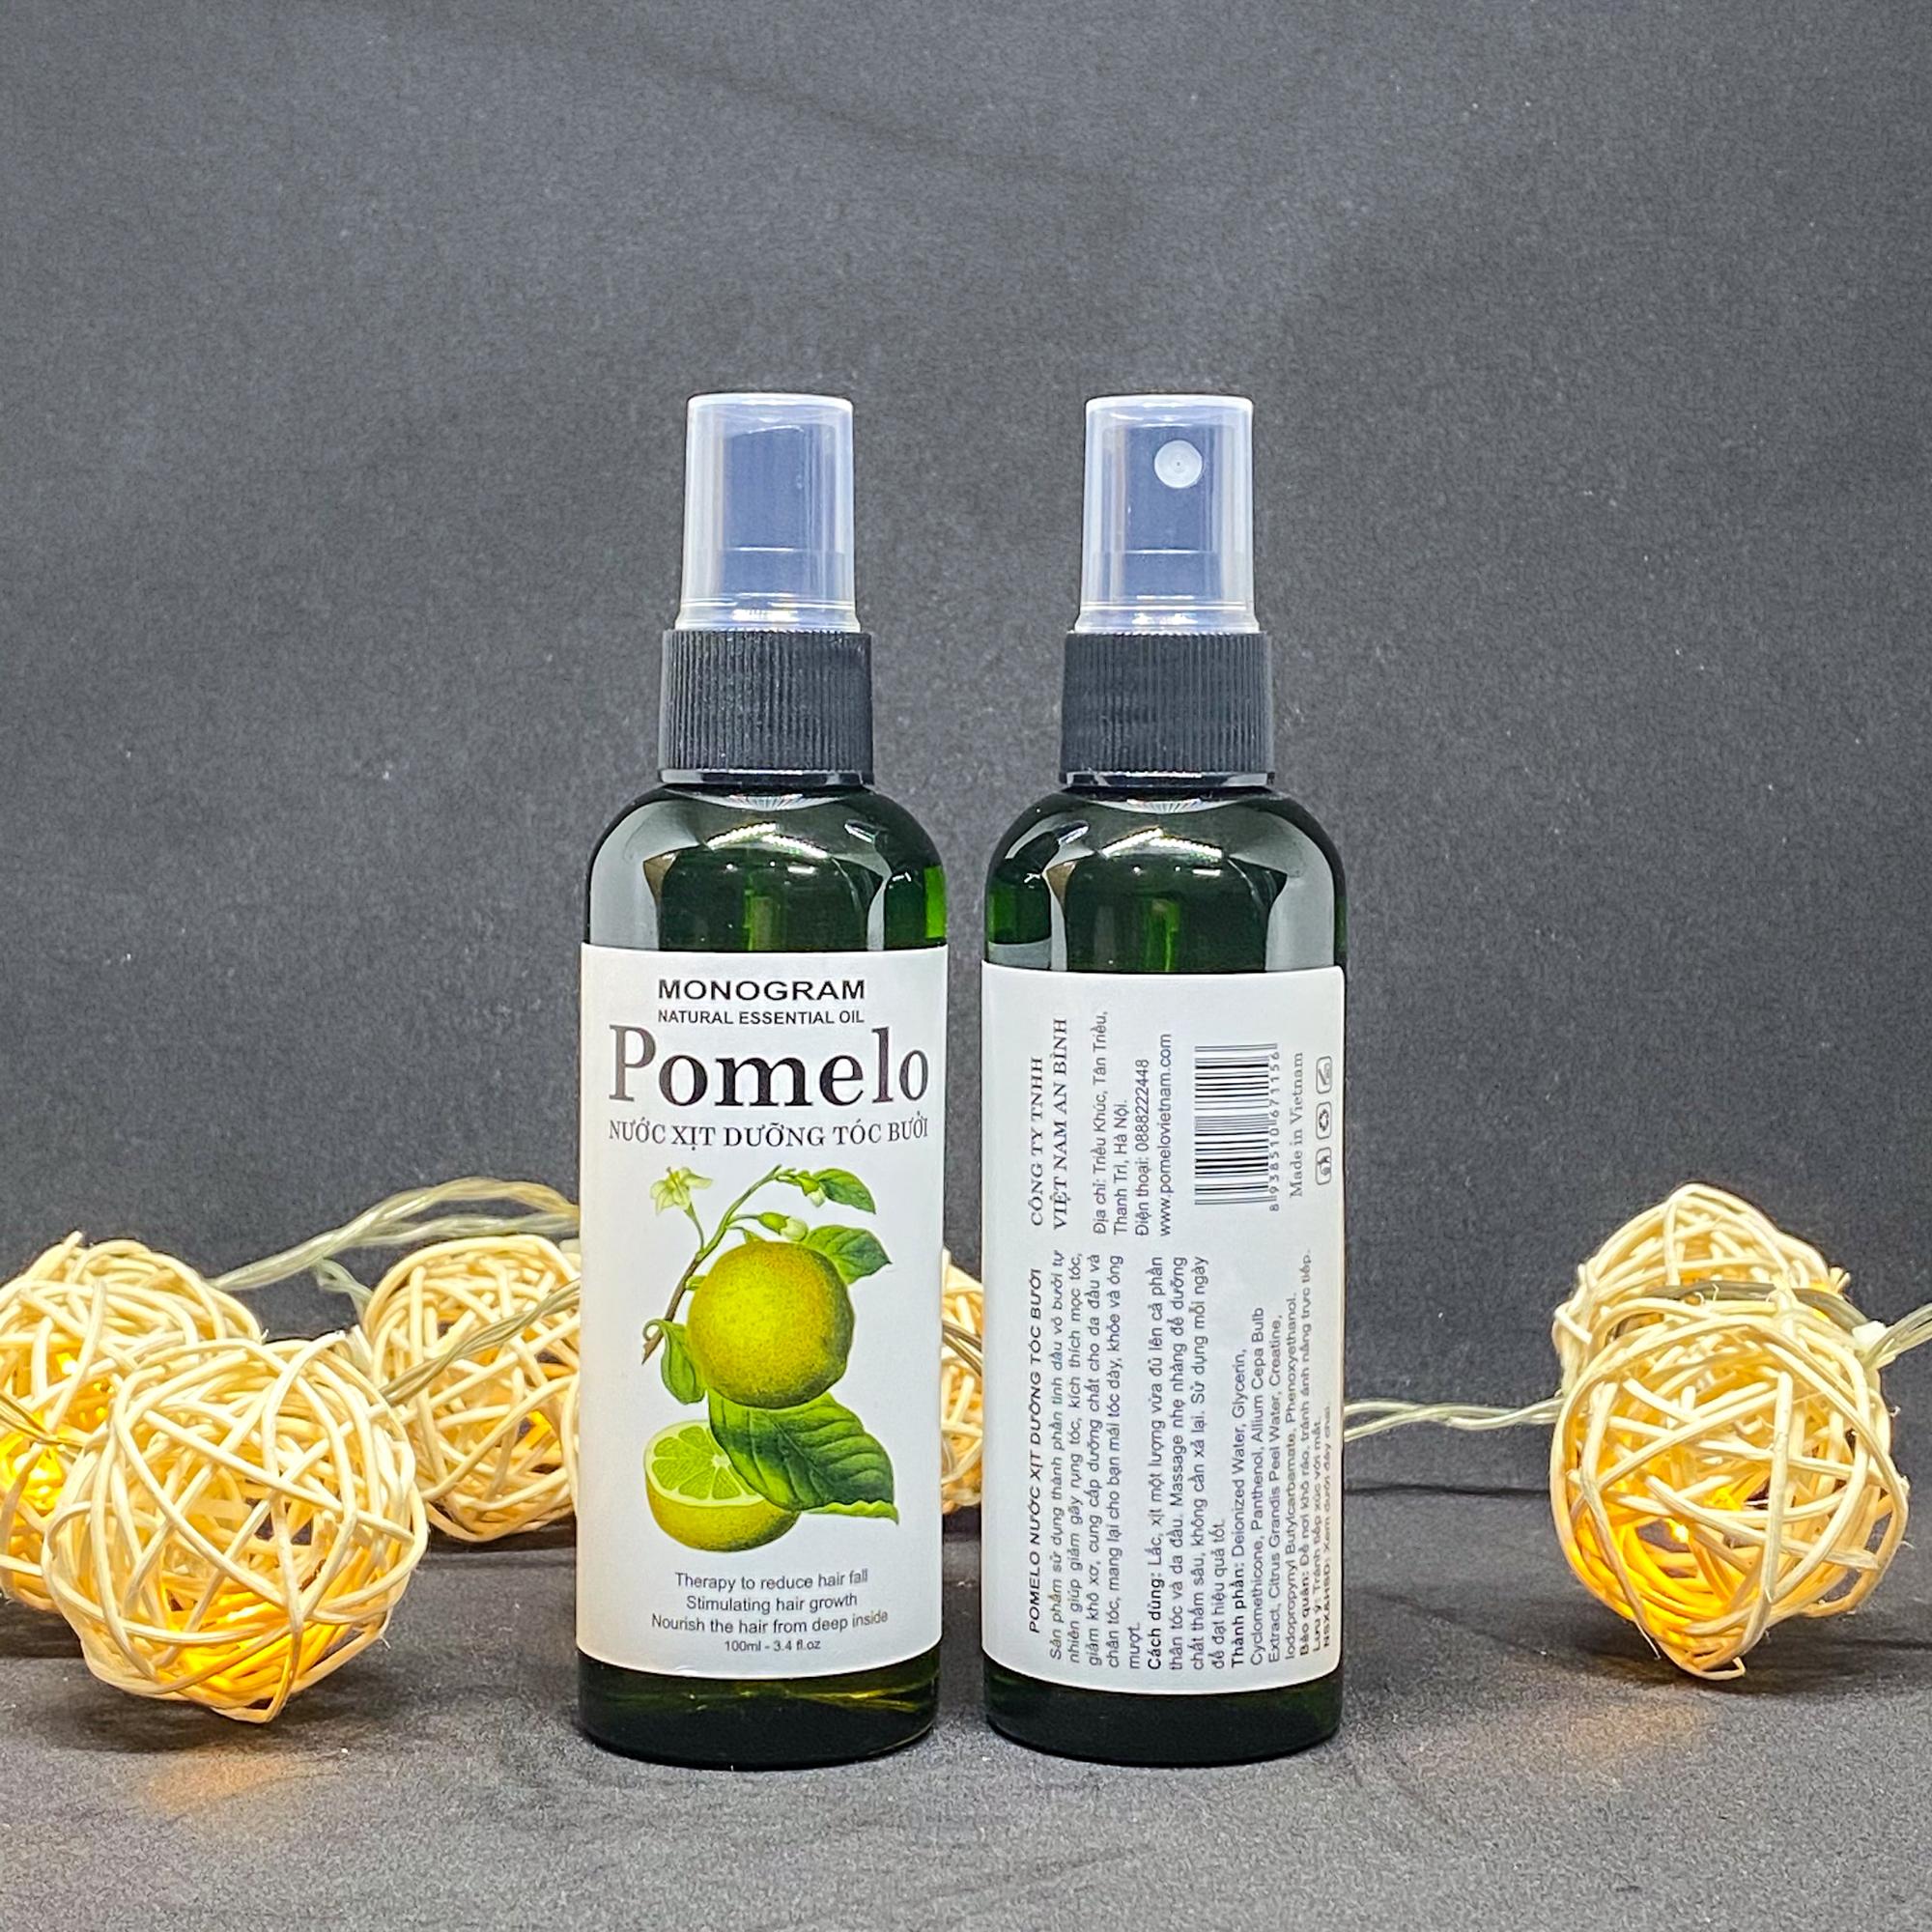 Nước xịt dưỡng tóc bưởi POMELO gúp giảm rụng, phục hồi hư tổn 100ml